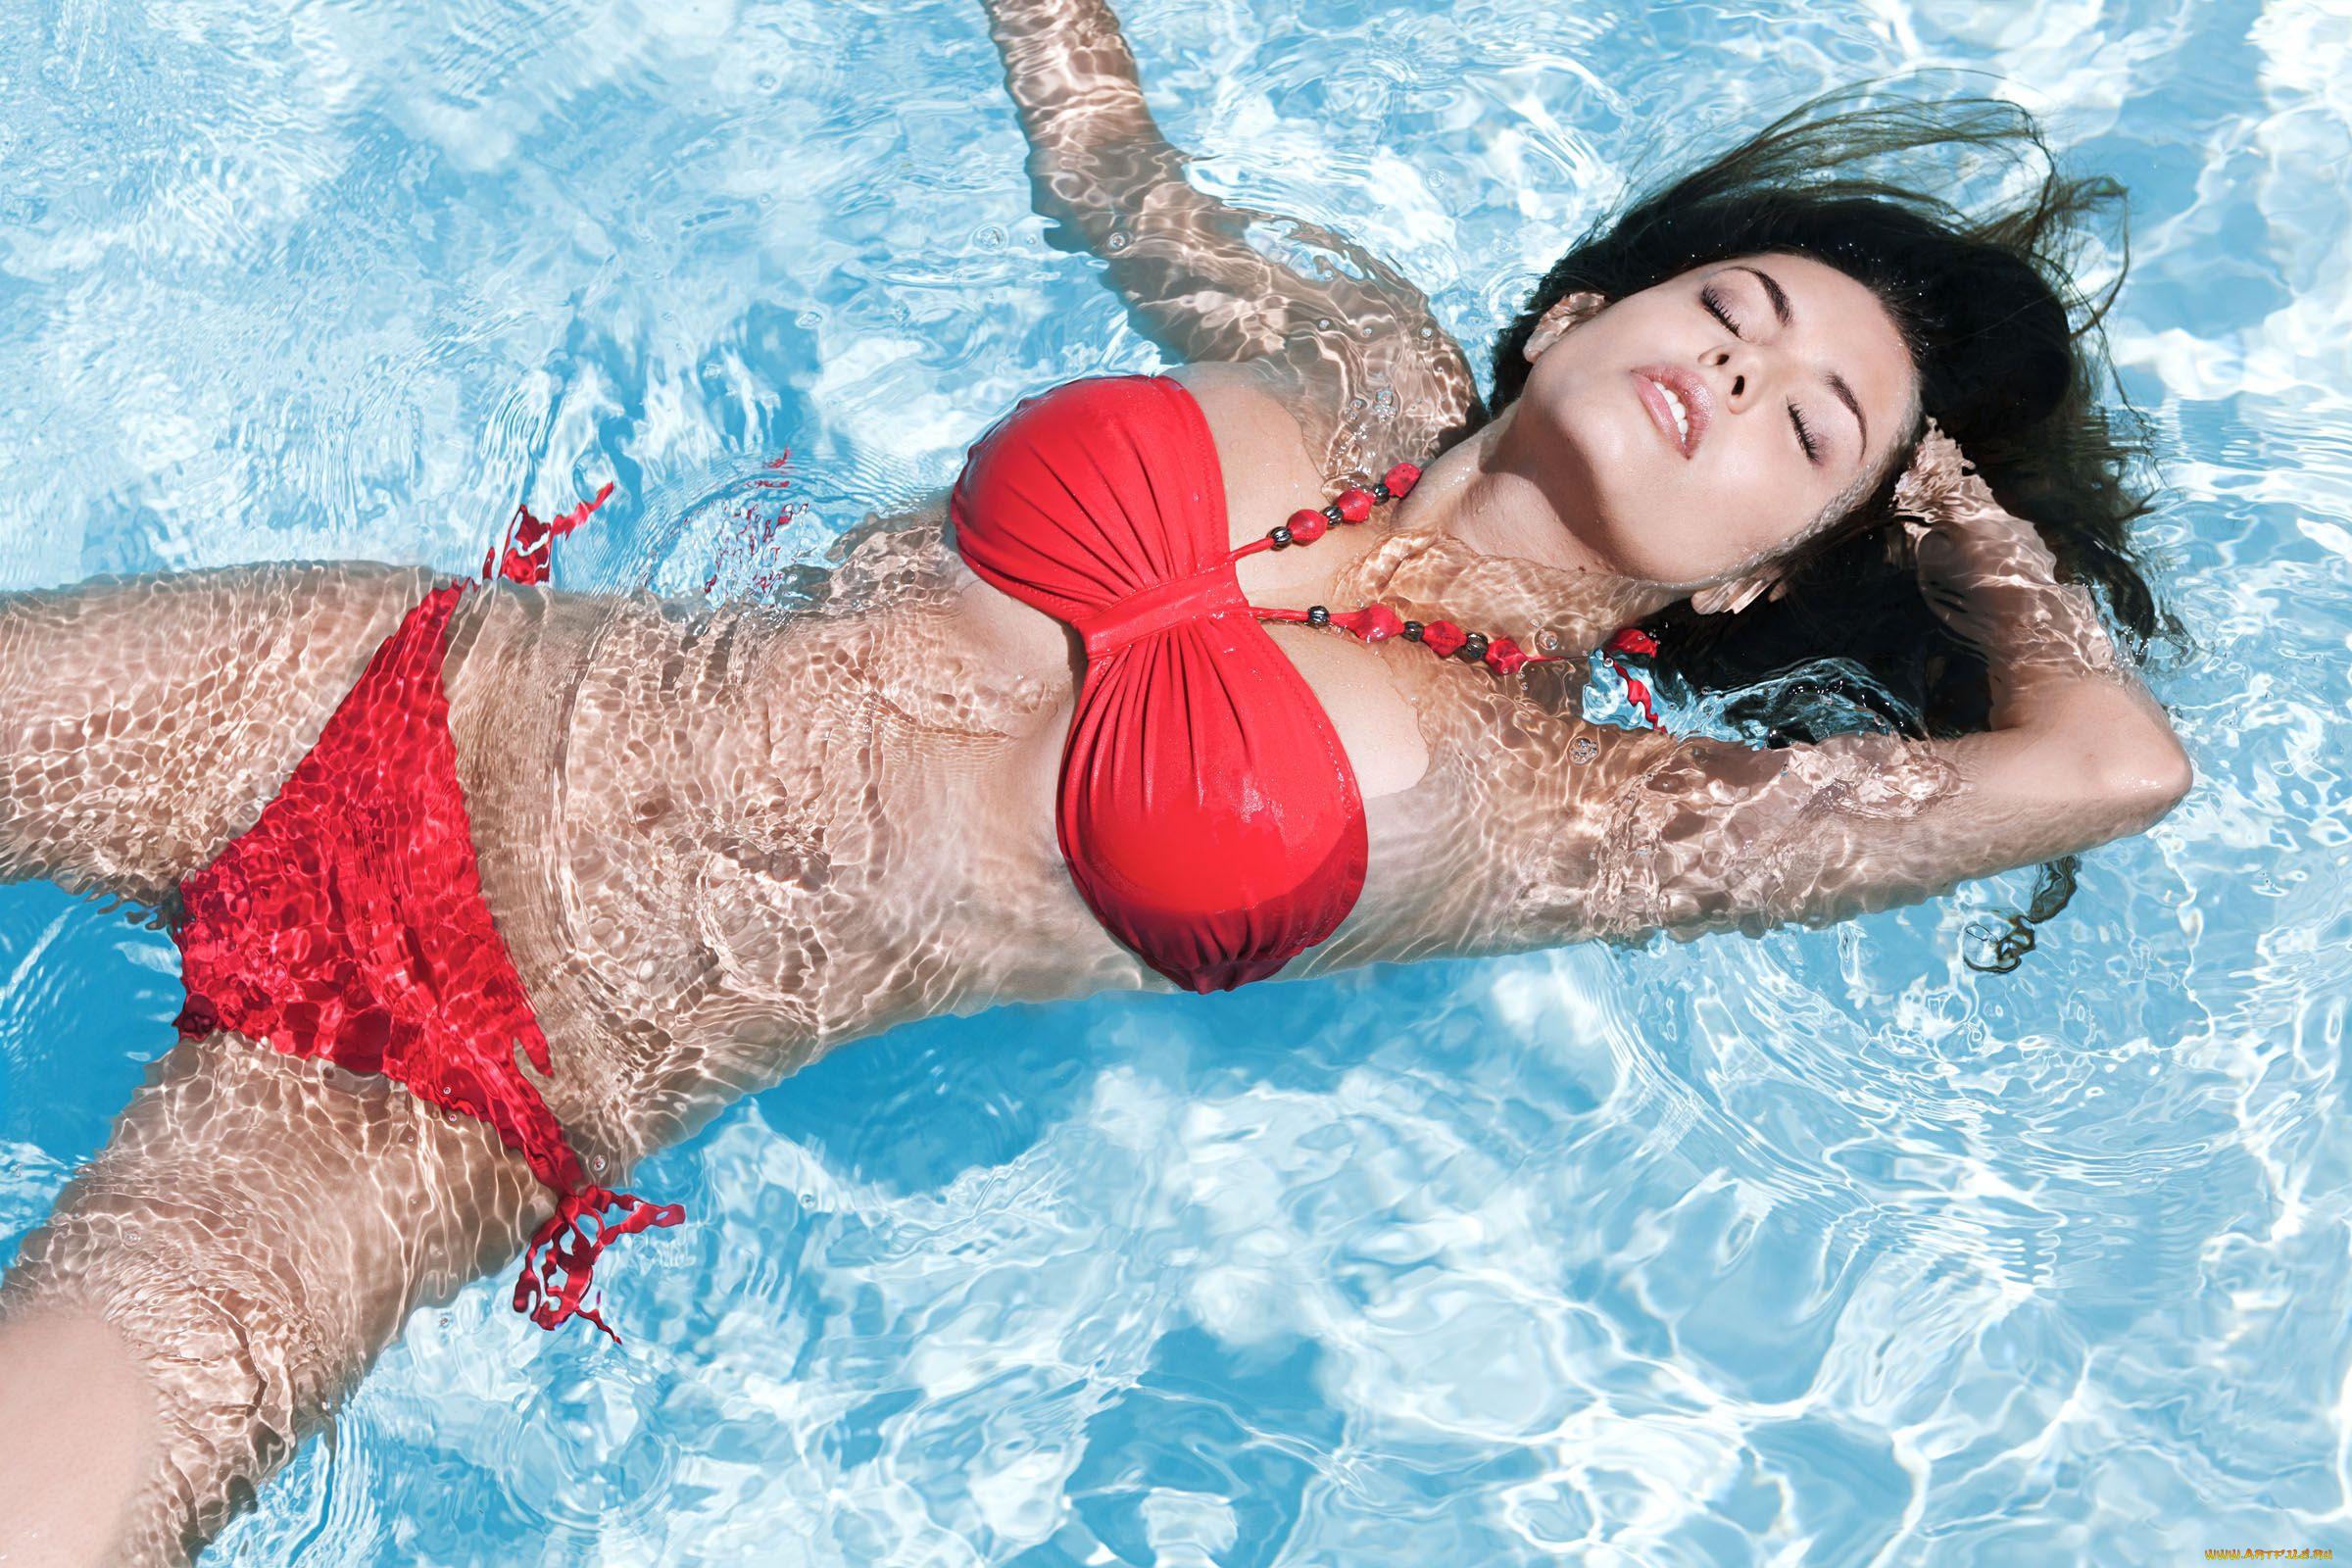 Фото женщин в бассейне бесплатно 7 фотография